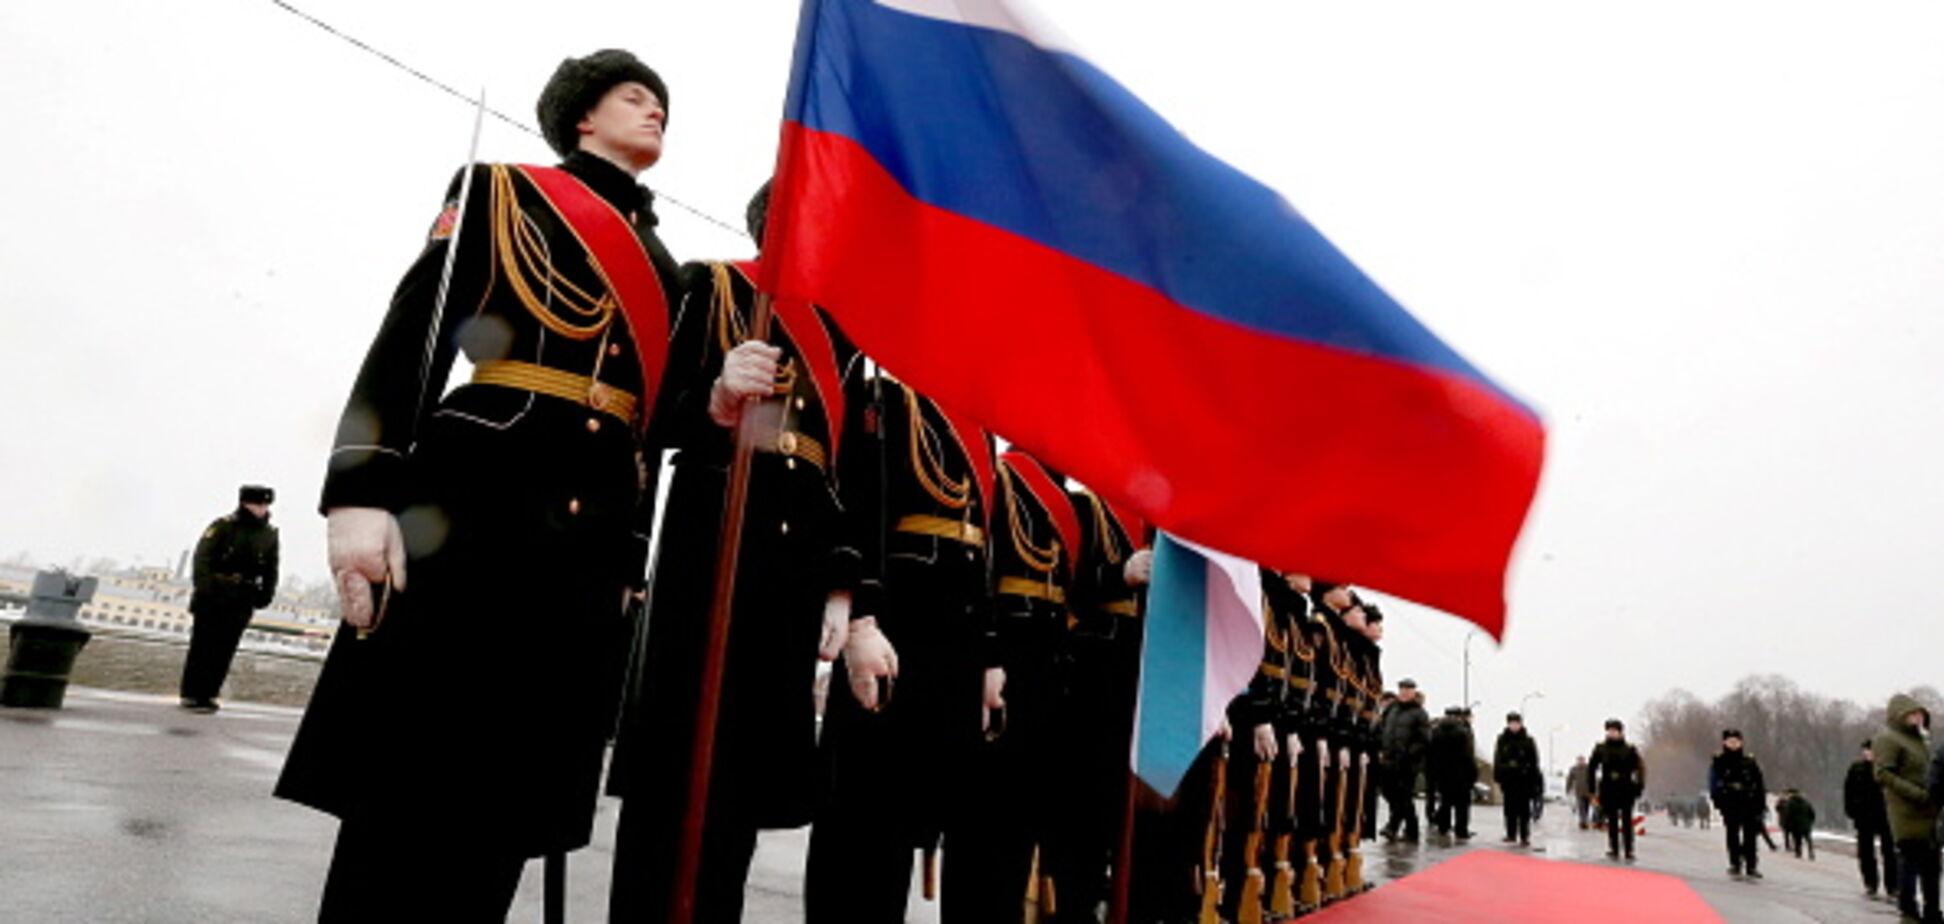 Россия решила жестко подставить Украину: на Западе узнали о подлом плане Кремля